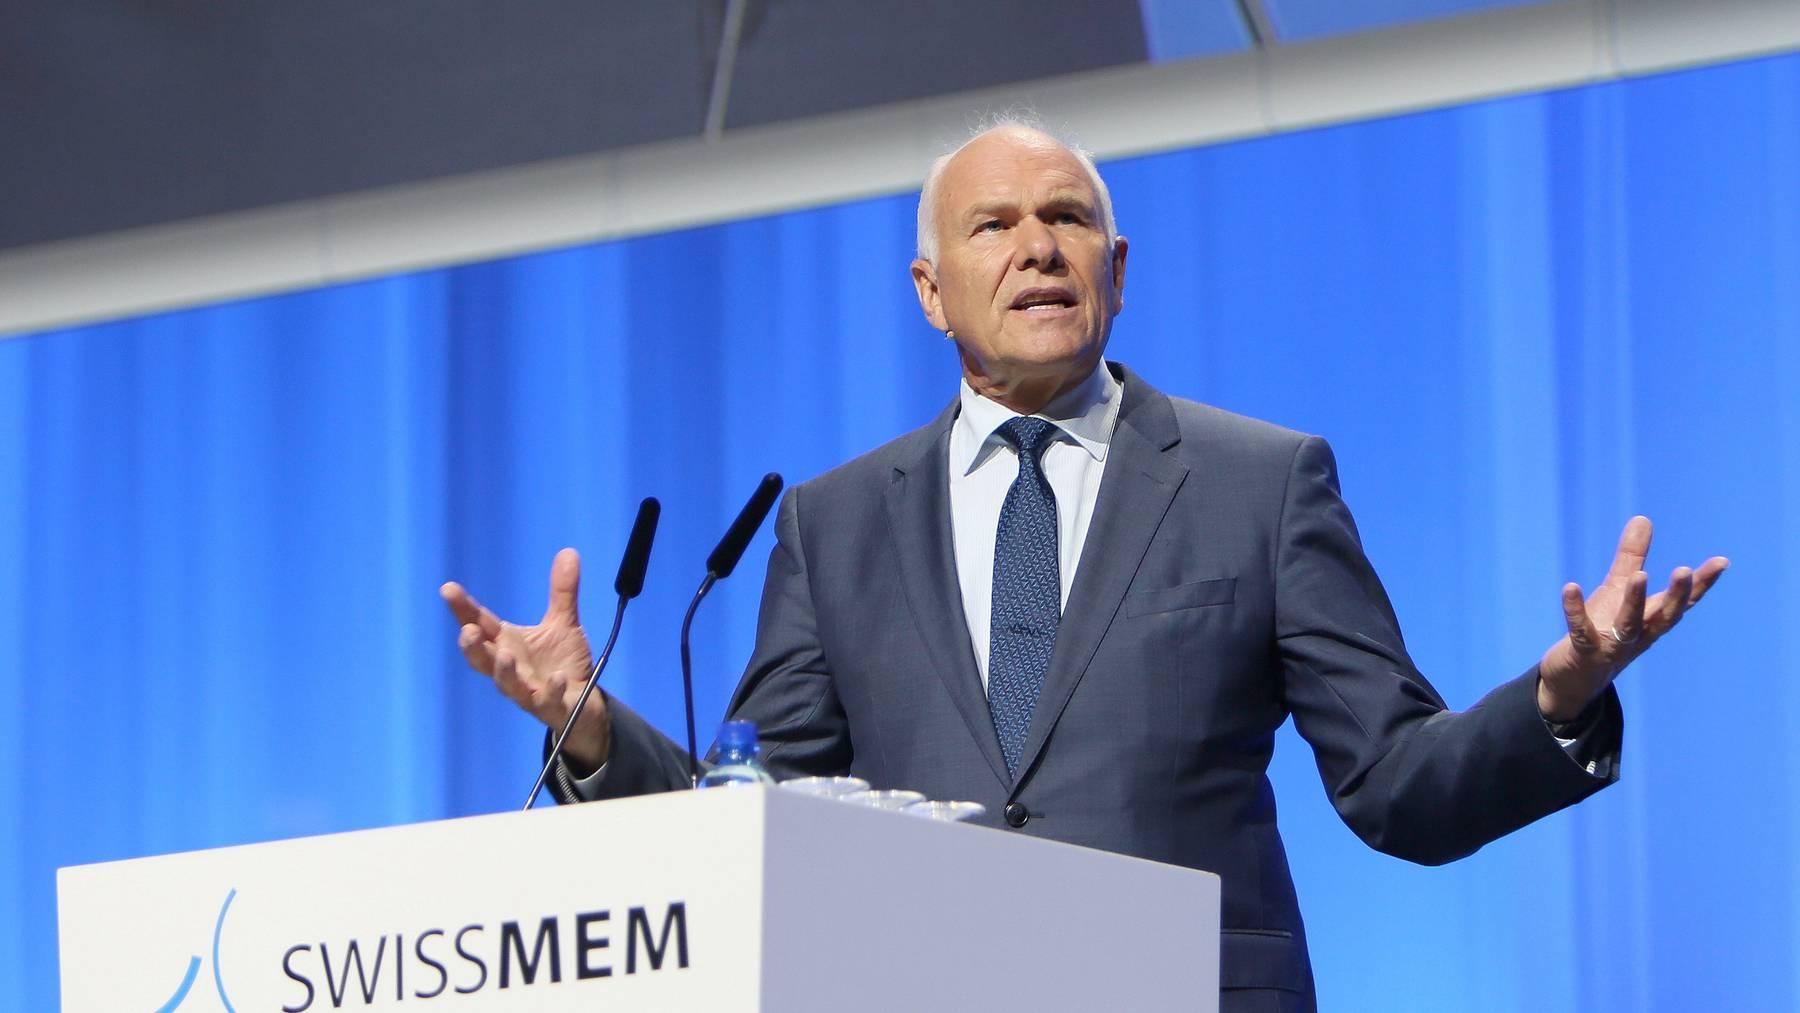 Der Lohnschutz dürfe dem Rahmenabkommen mit der EU nicht im Wege stehen, sagt Swissmem-Präsident Hans Hess.